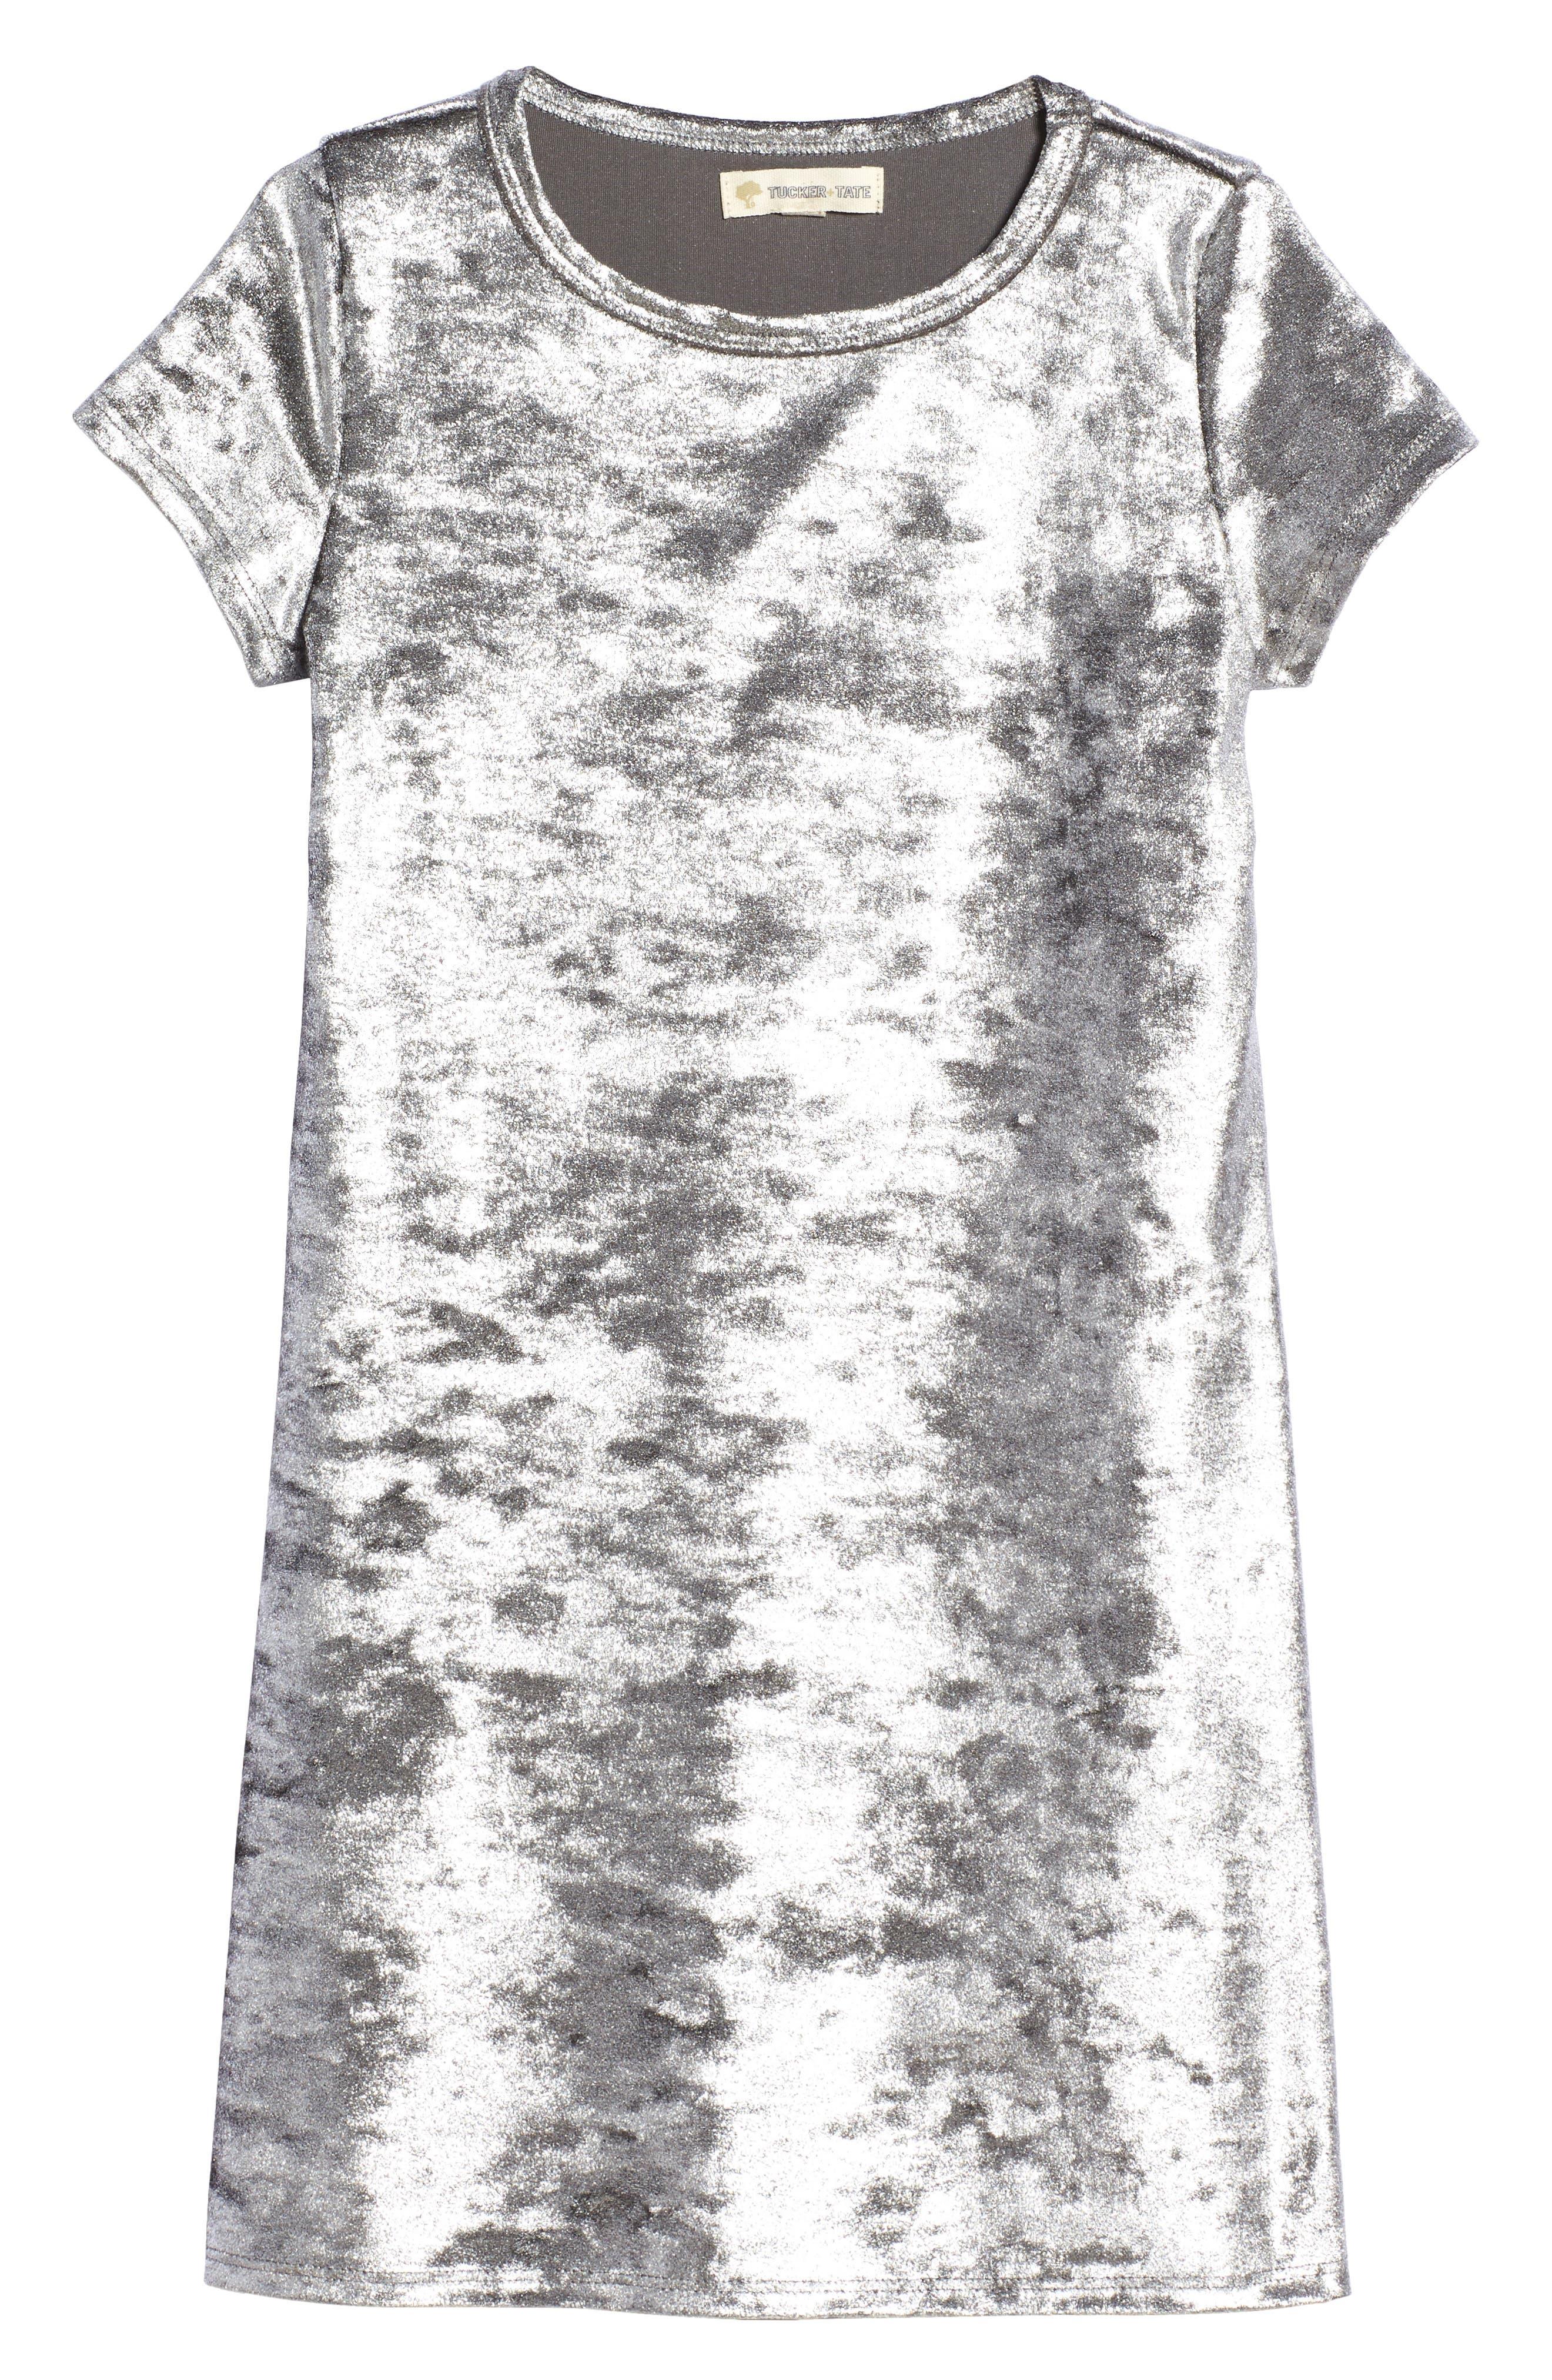 Alternate Image 1 Selected - Tucker + Tate Metallic Velour Sneaker Dress (Toddler Girls, Little Girls & Big Girls)